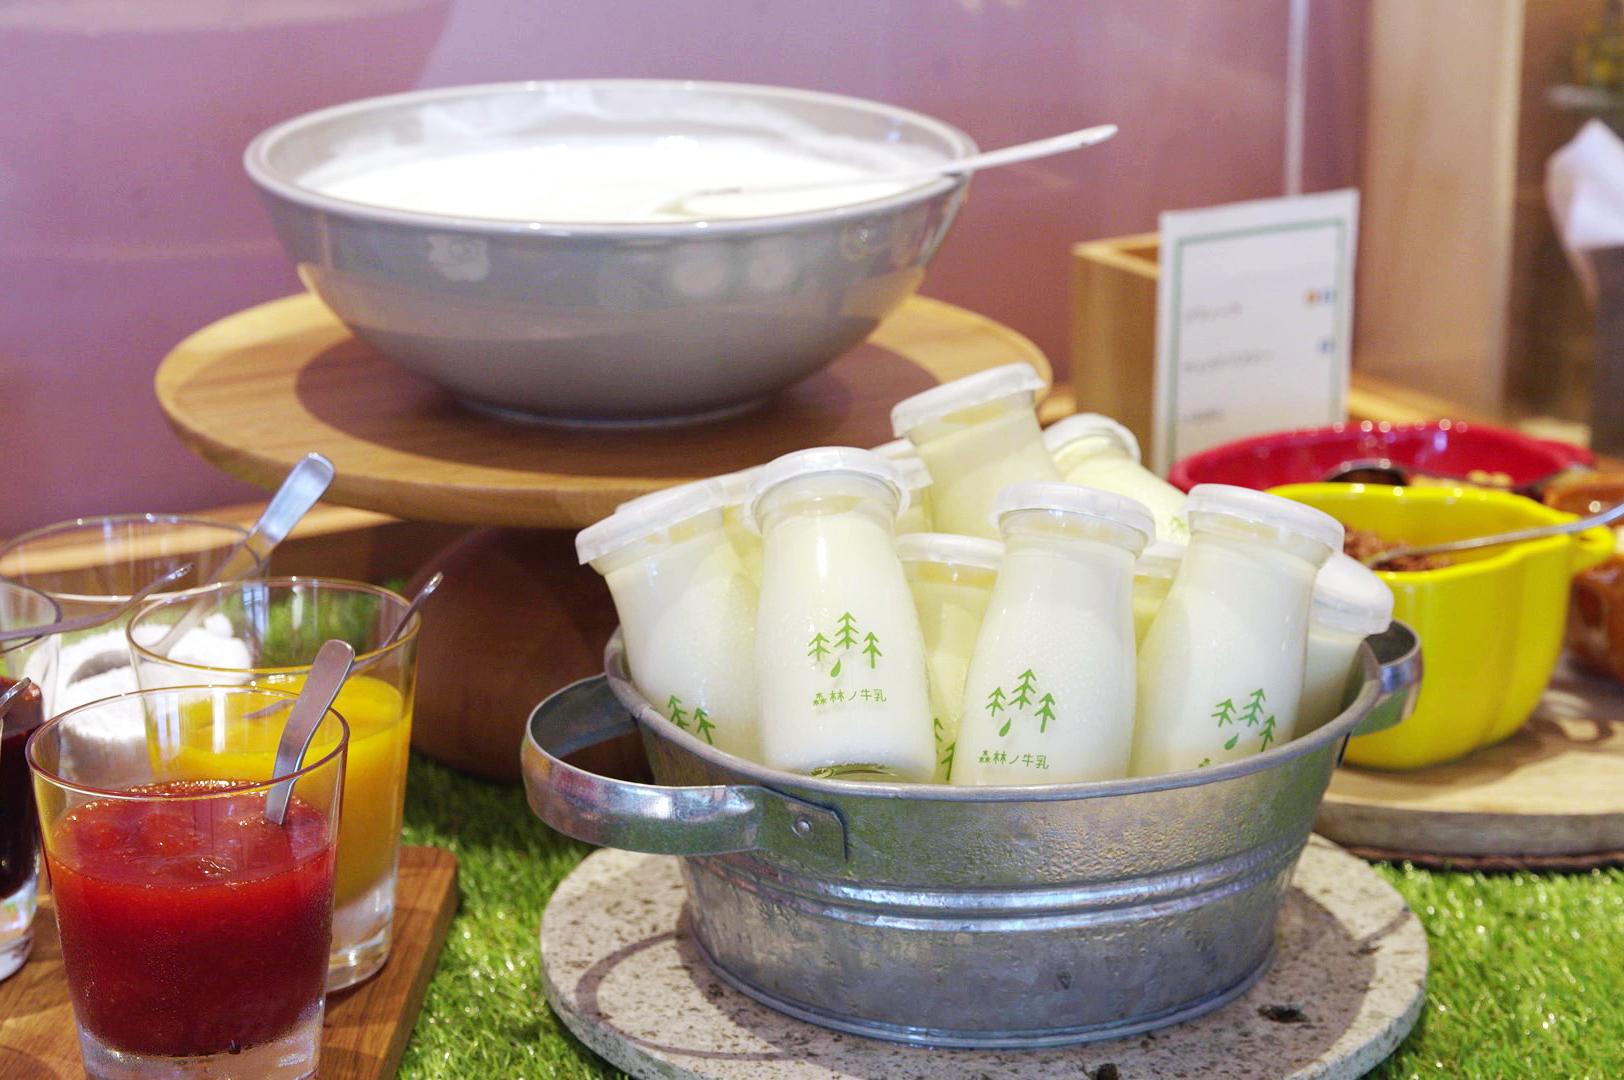 ミルクの自然な甘さが引き立つ、ほんのり温かなホットでも提供しています